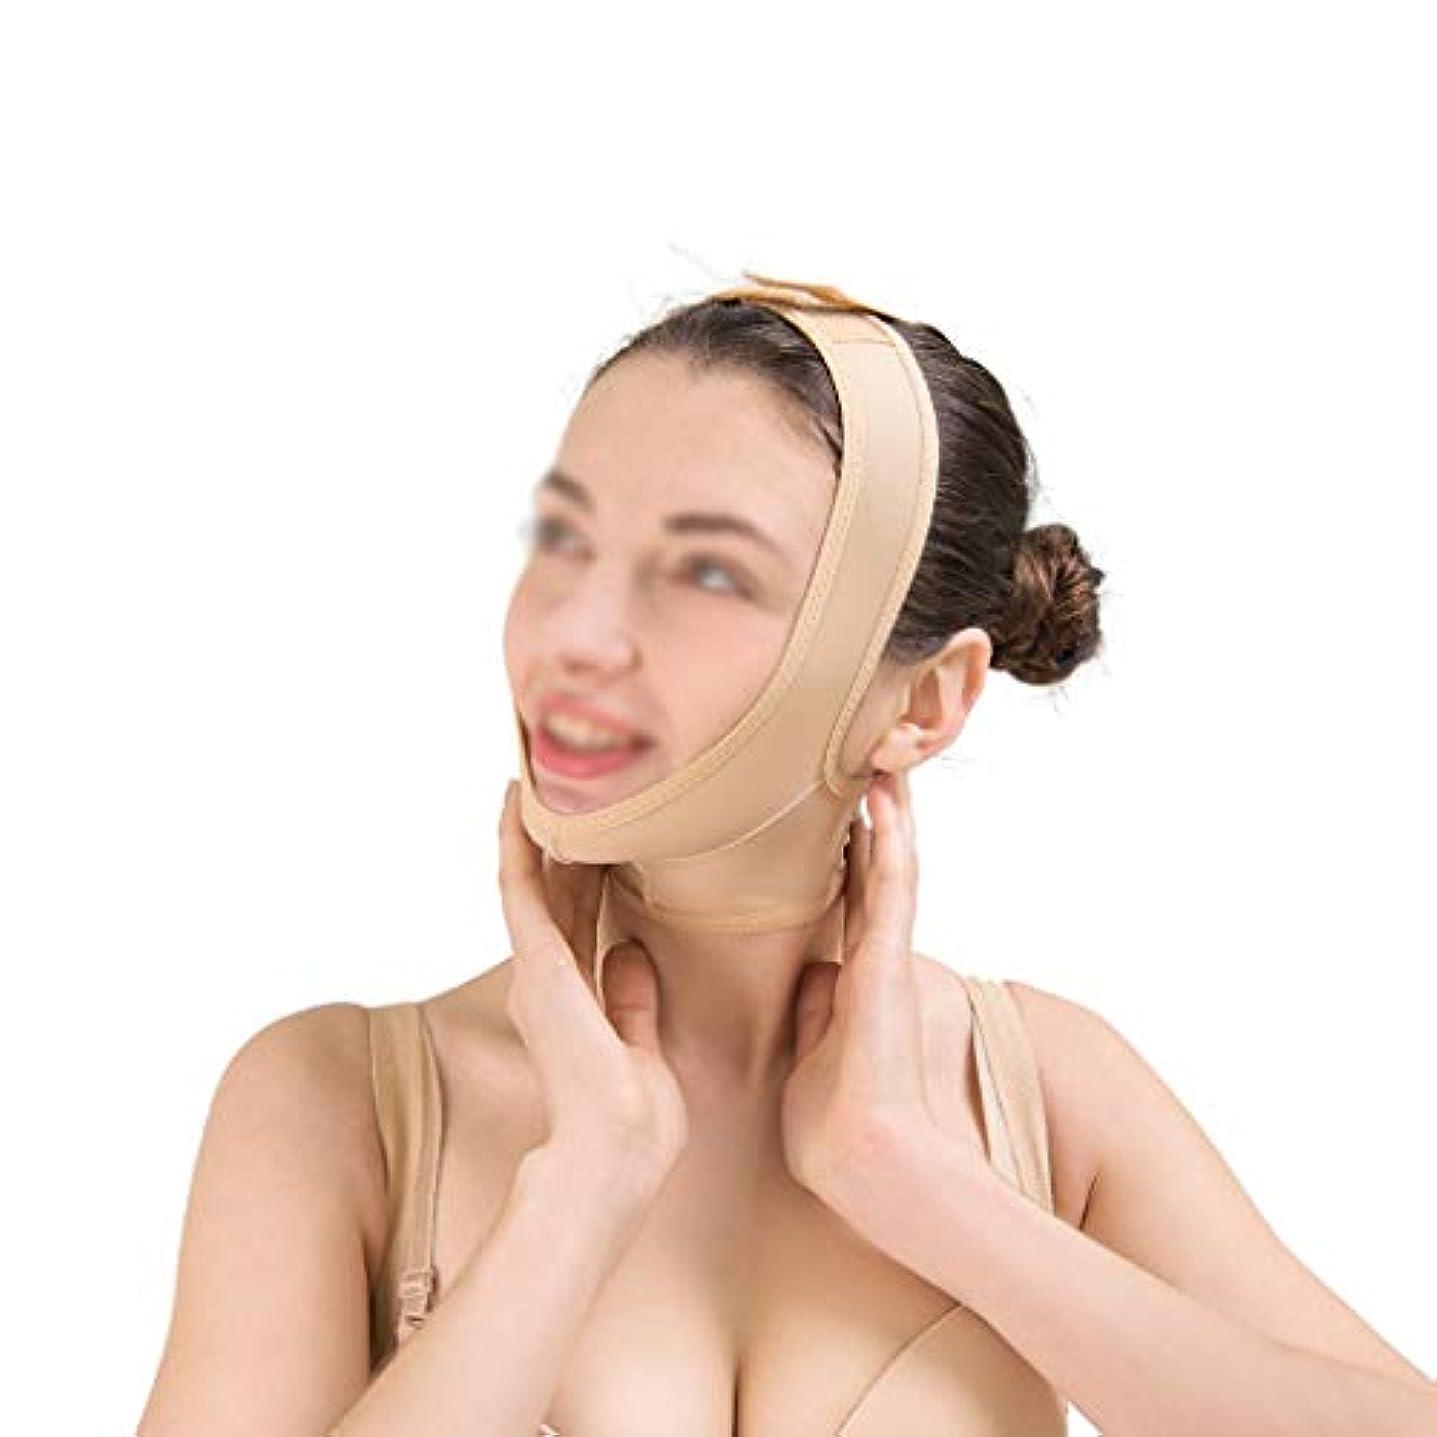 責任者創傷分散XHLMRMJ 二重あごのストラップ、包帯を持ち上げる、持ち上がると肌の包帯を引き締める、通気性のフェイスマスク、快適で通気性のある顔の持ち上がるマスク (Size : XL)